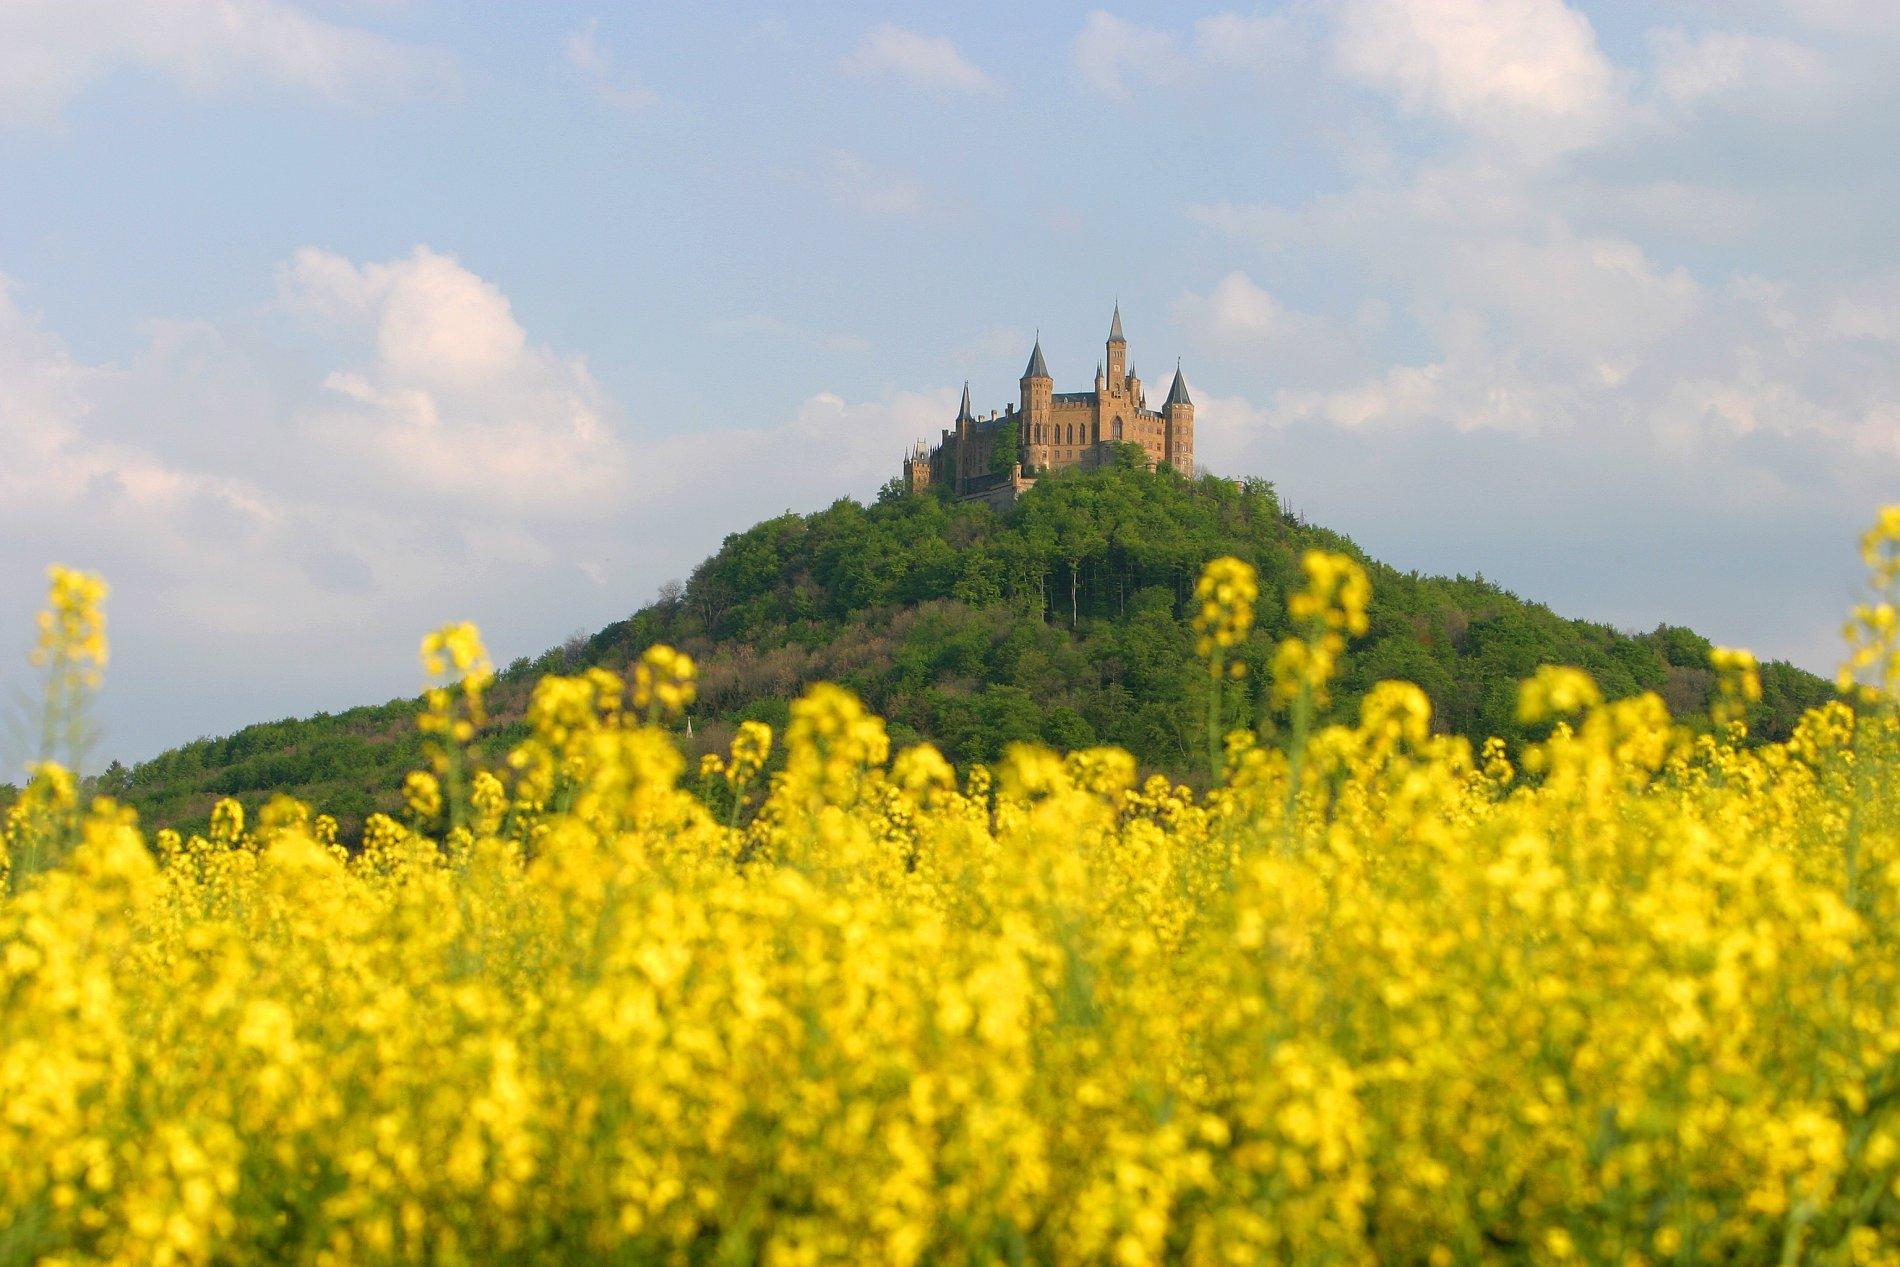 Blühendes Rapsfeld mit der Burg Hohenzollern im Hintergrund